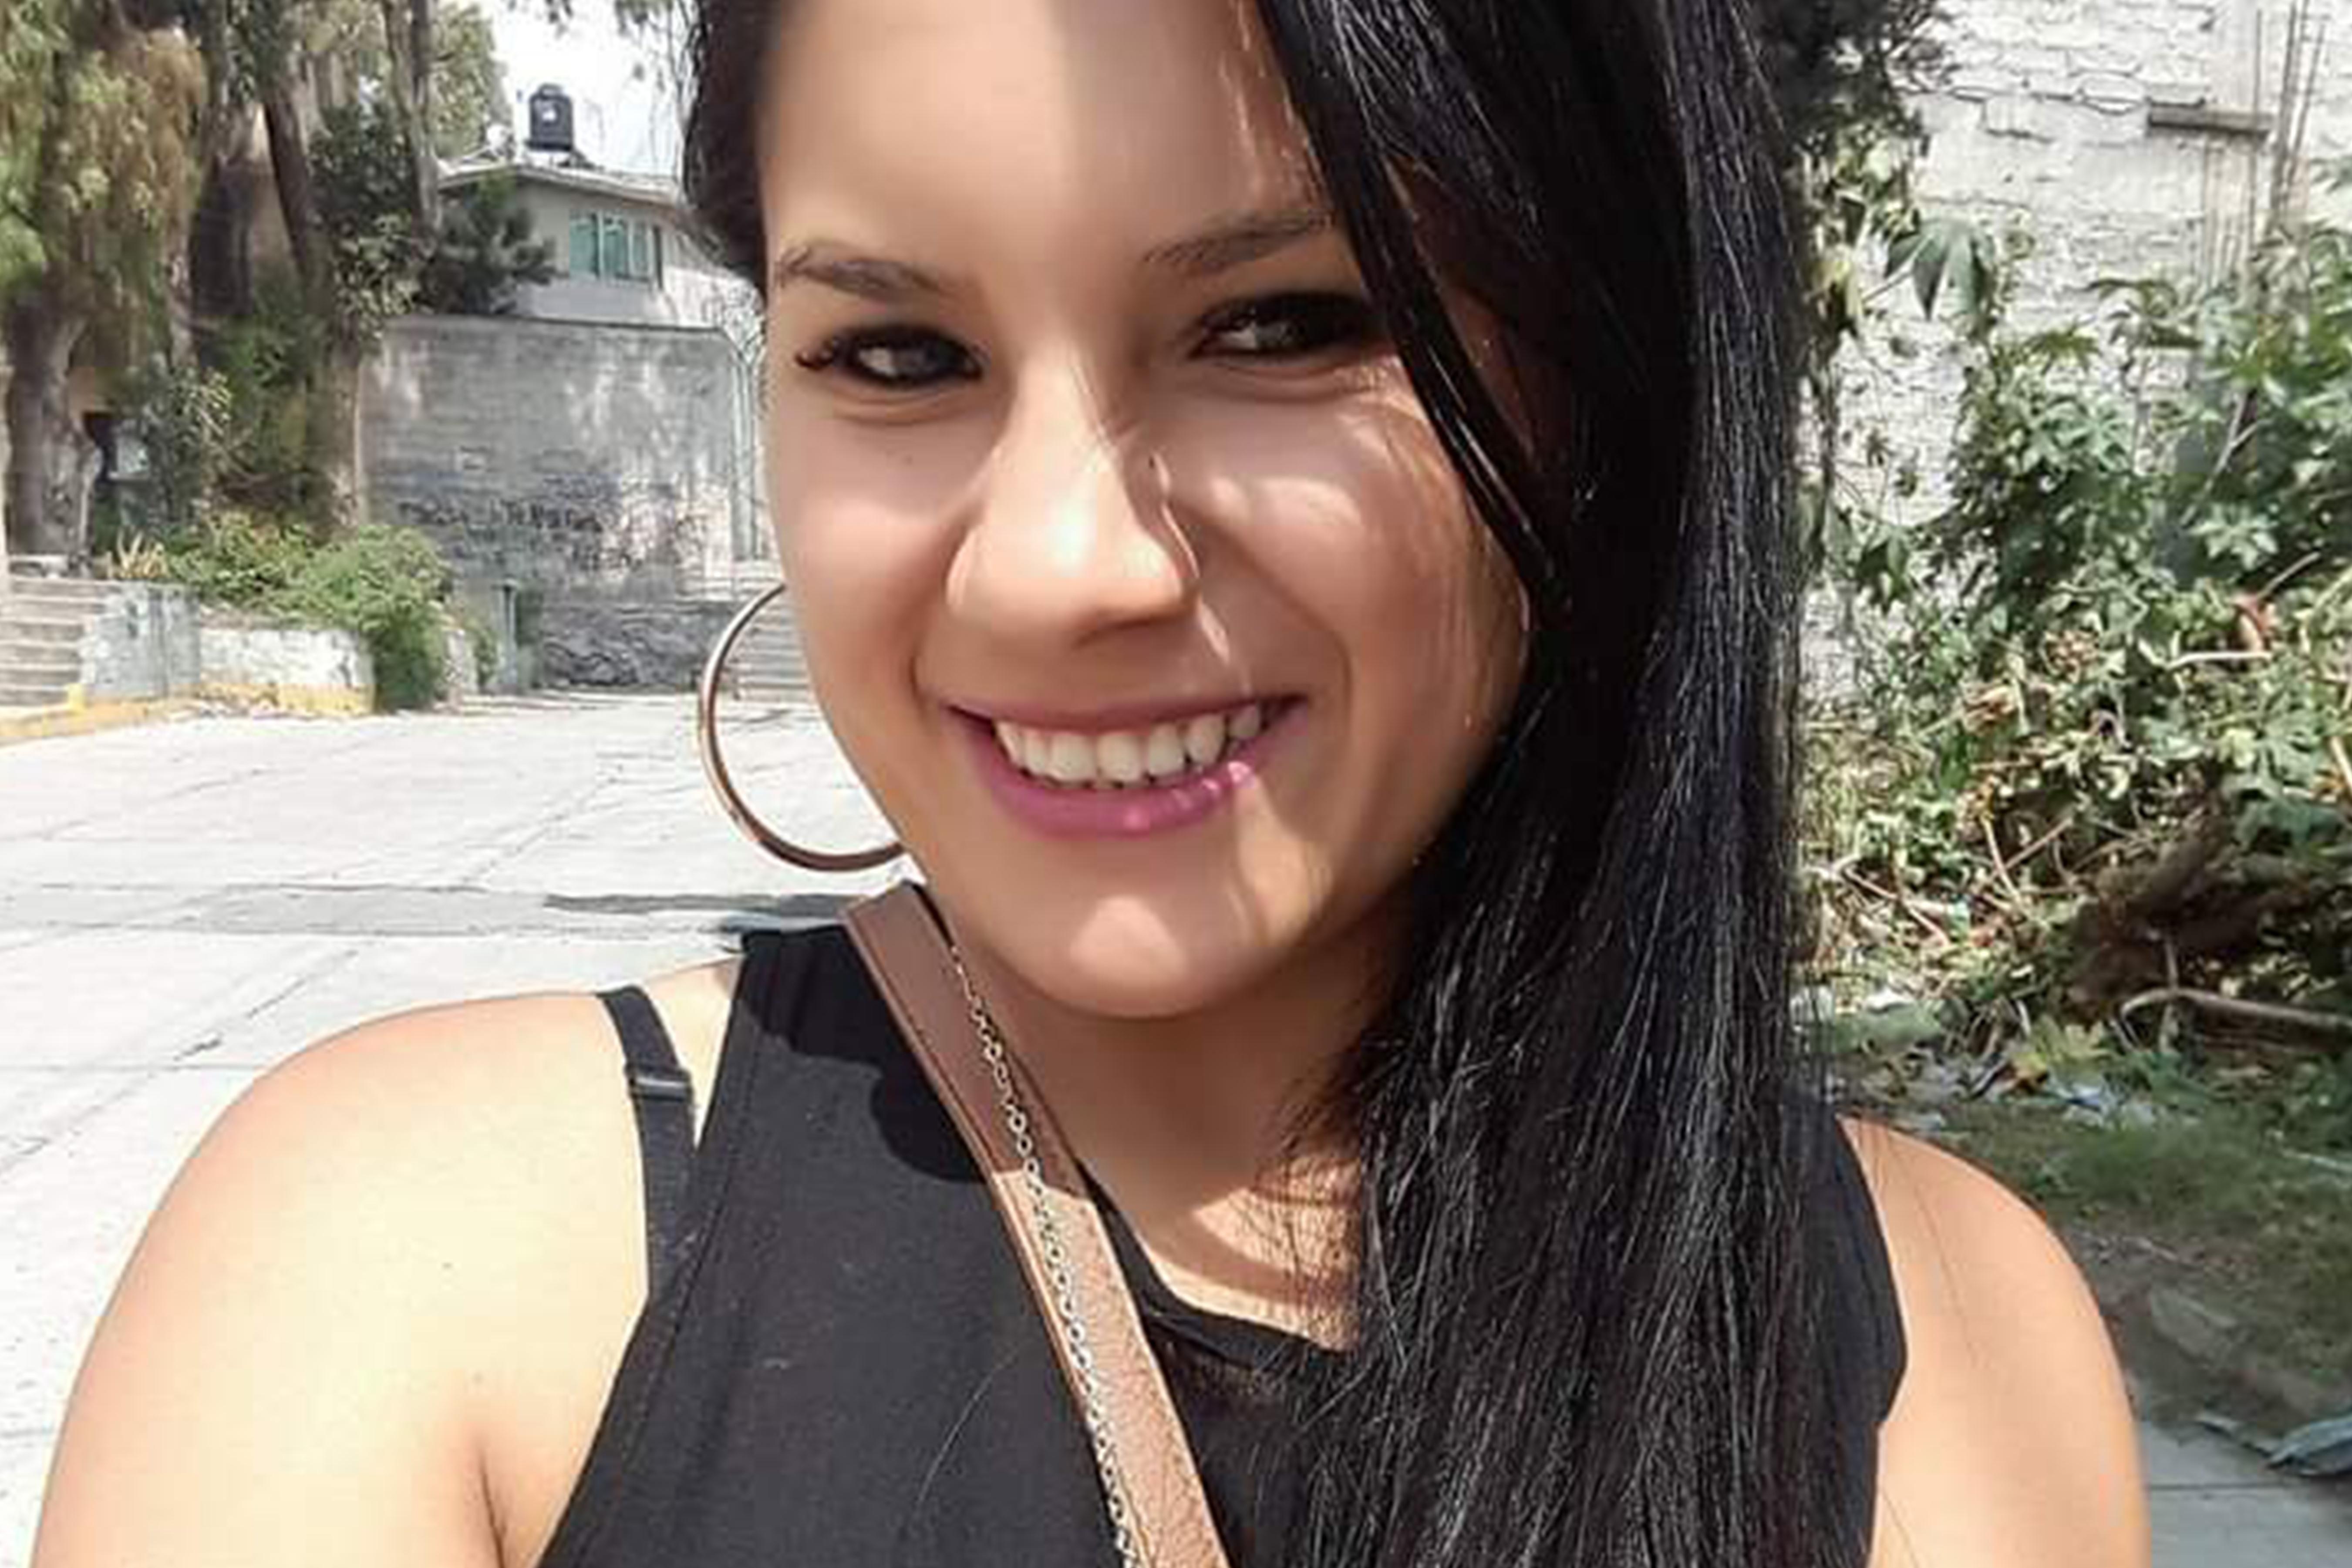 México no sabe dónde está la peruana Mary Lucero Mescco